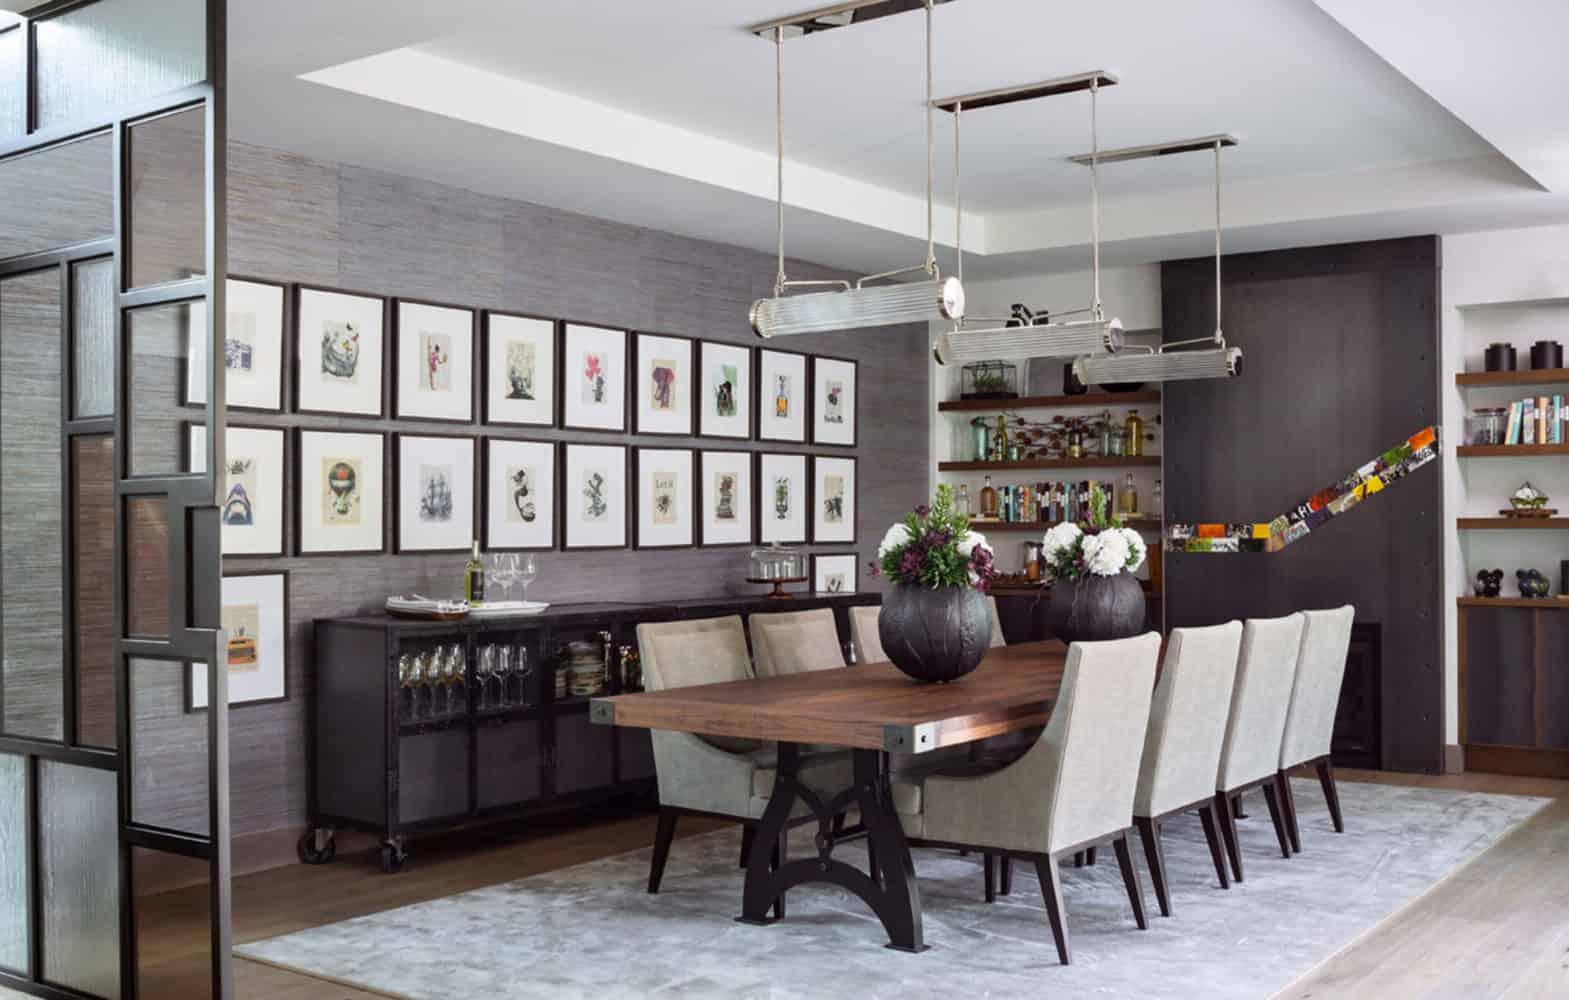 Hills Drive - Castle Rock Duet Design Group Colorado v2